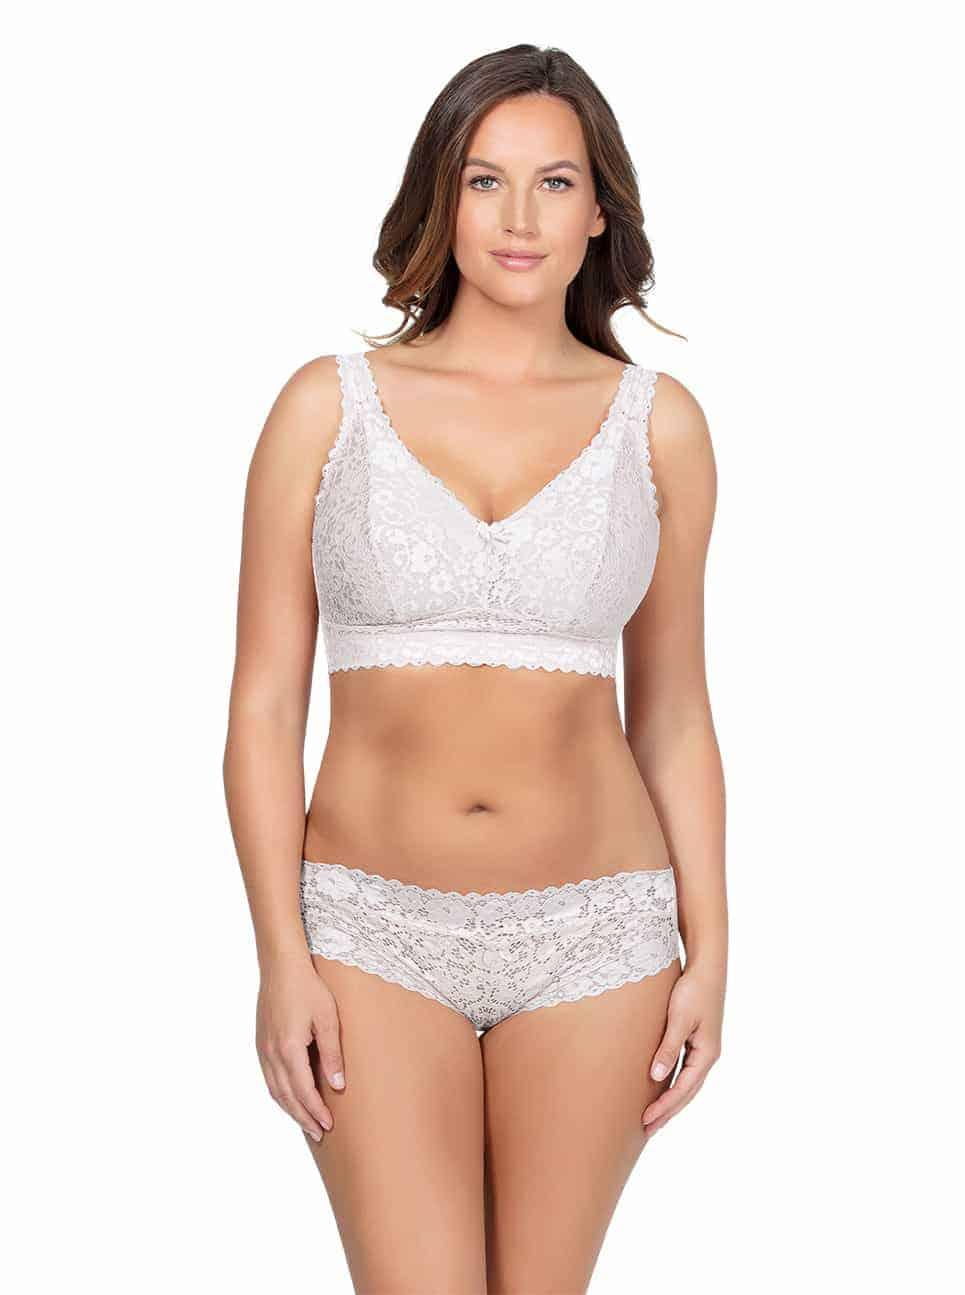 PARFAIT Adriana LaceBraletteP5482 BikiniP5483 PearlWhite Front copy 2 - Home AW19